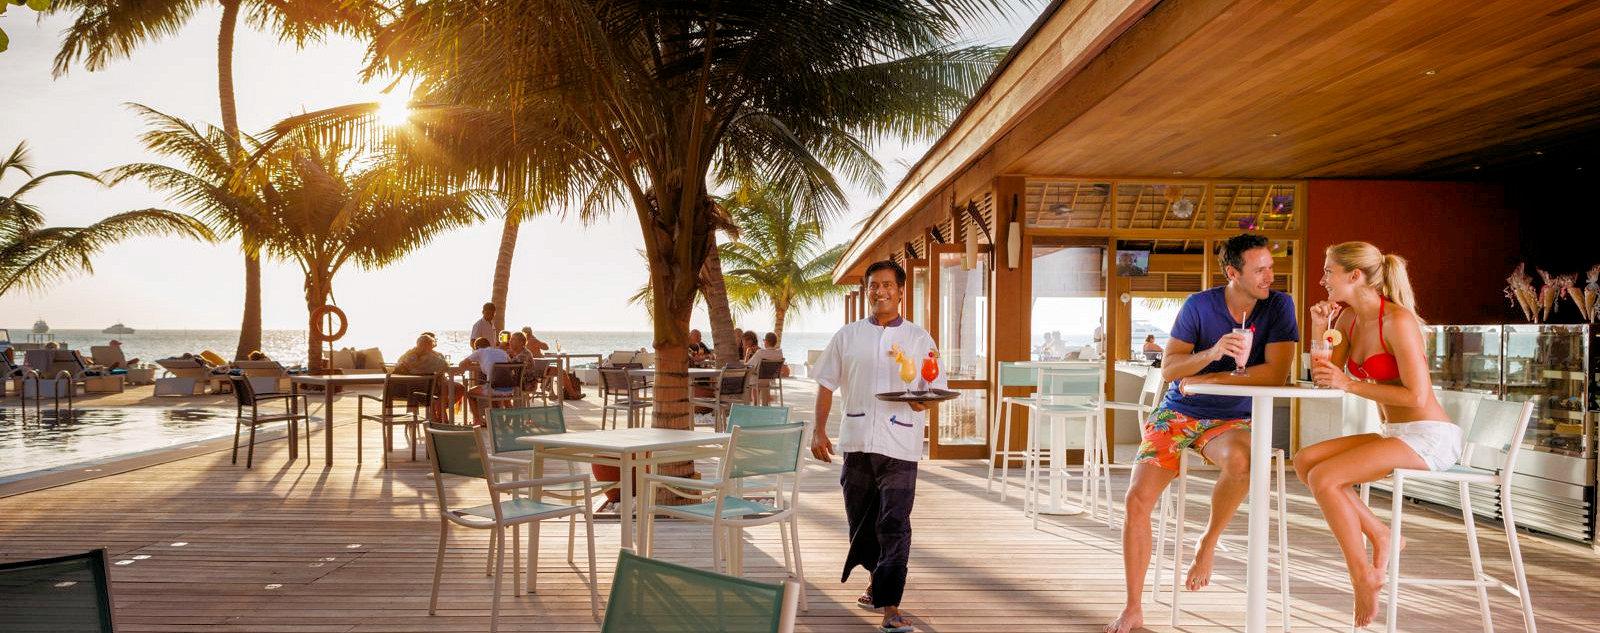 Staff and guests at Meeru Cafe, Meeru Island Resort & Spa